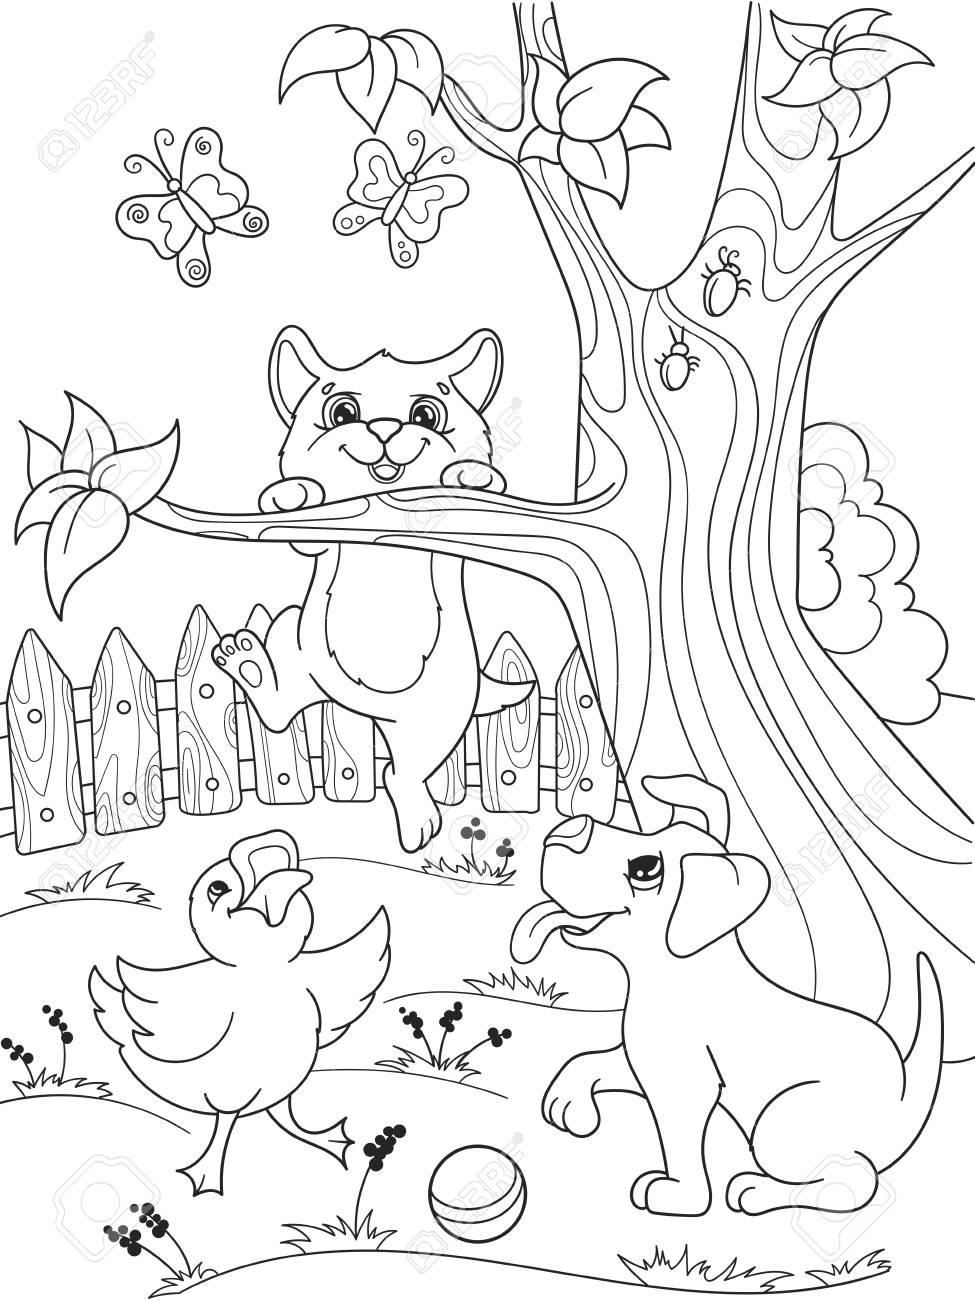 Enfants à Colorier Des Amis Animaux De Dessin Animé Dans La Nature Caneton Chiot Et Chaton Canard Chien Et Chat